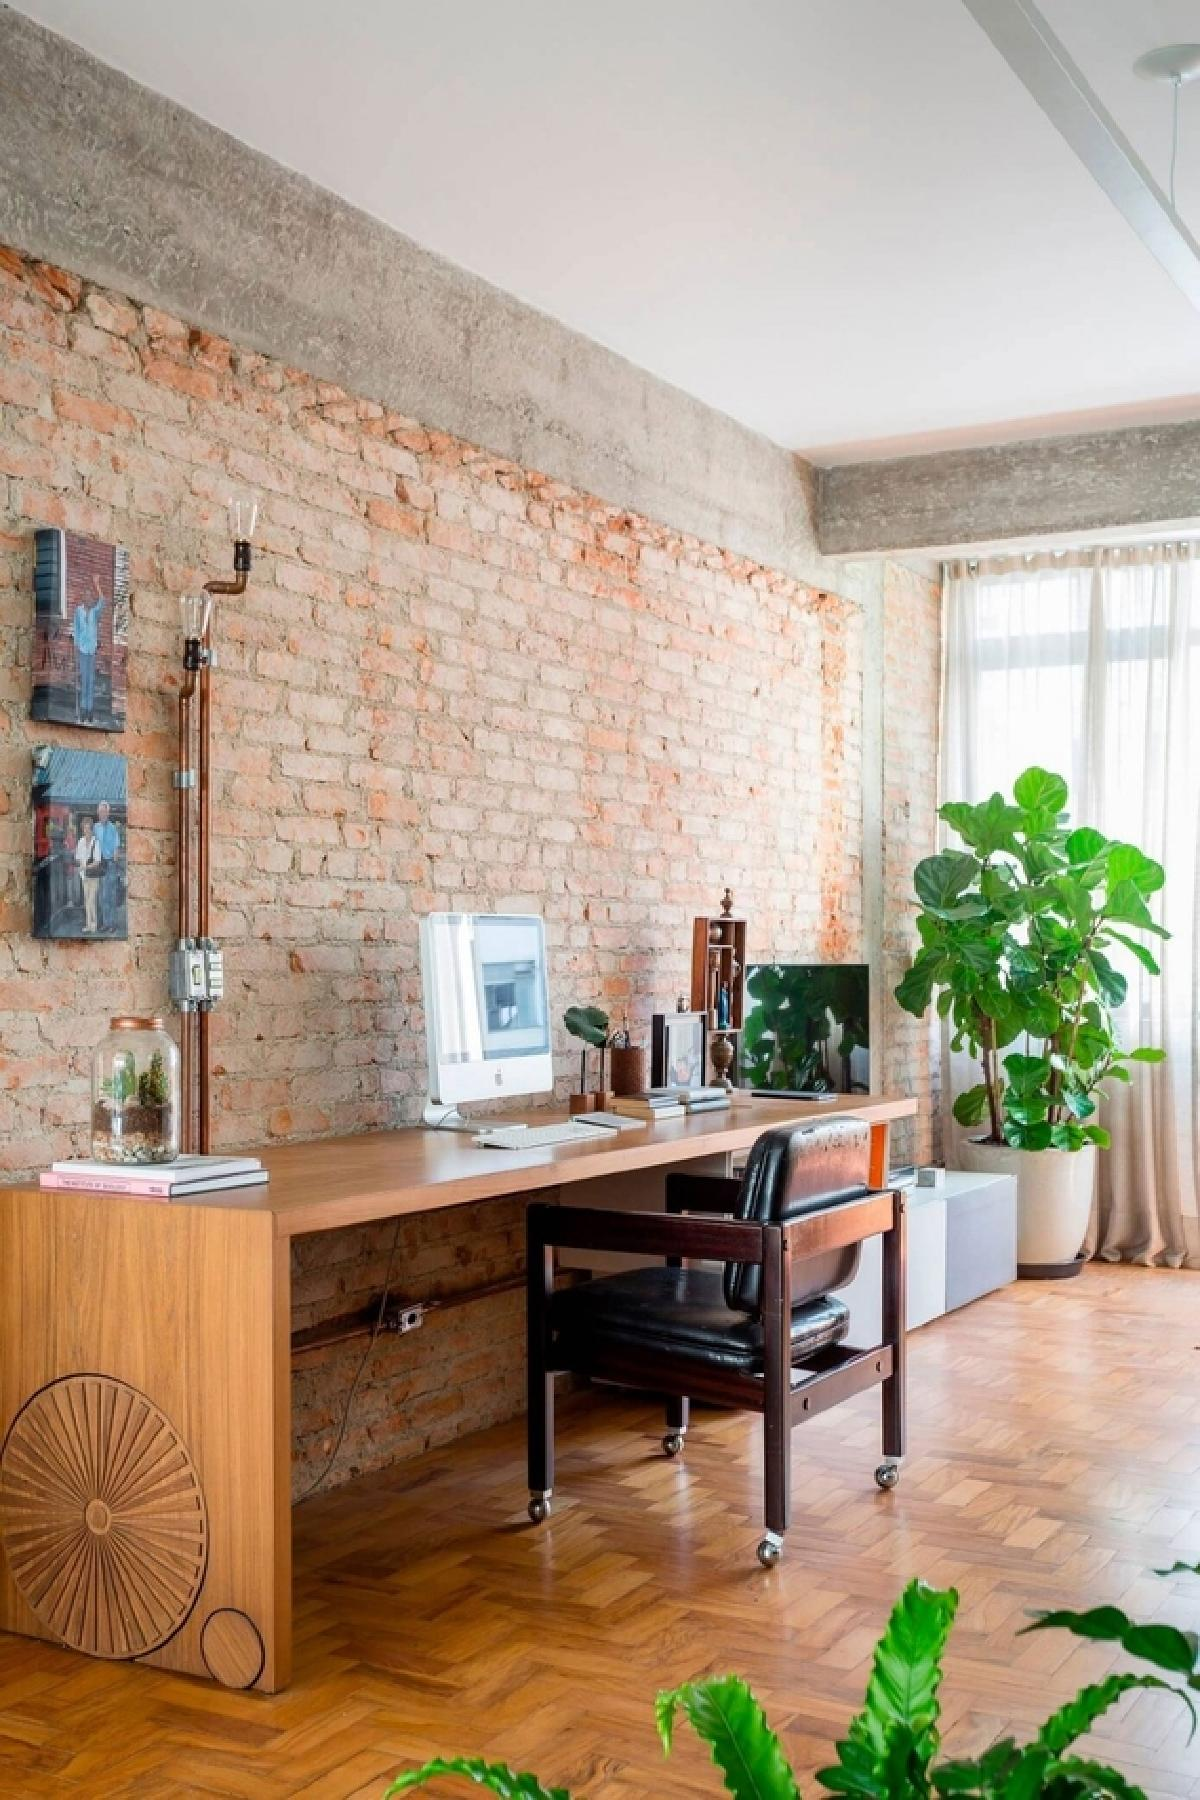 家庭办公室设有8英尺长的定制木桌。它还在电气导管管道的末端设有爱迪生灯泡。